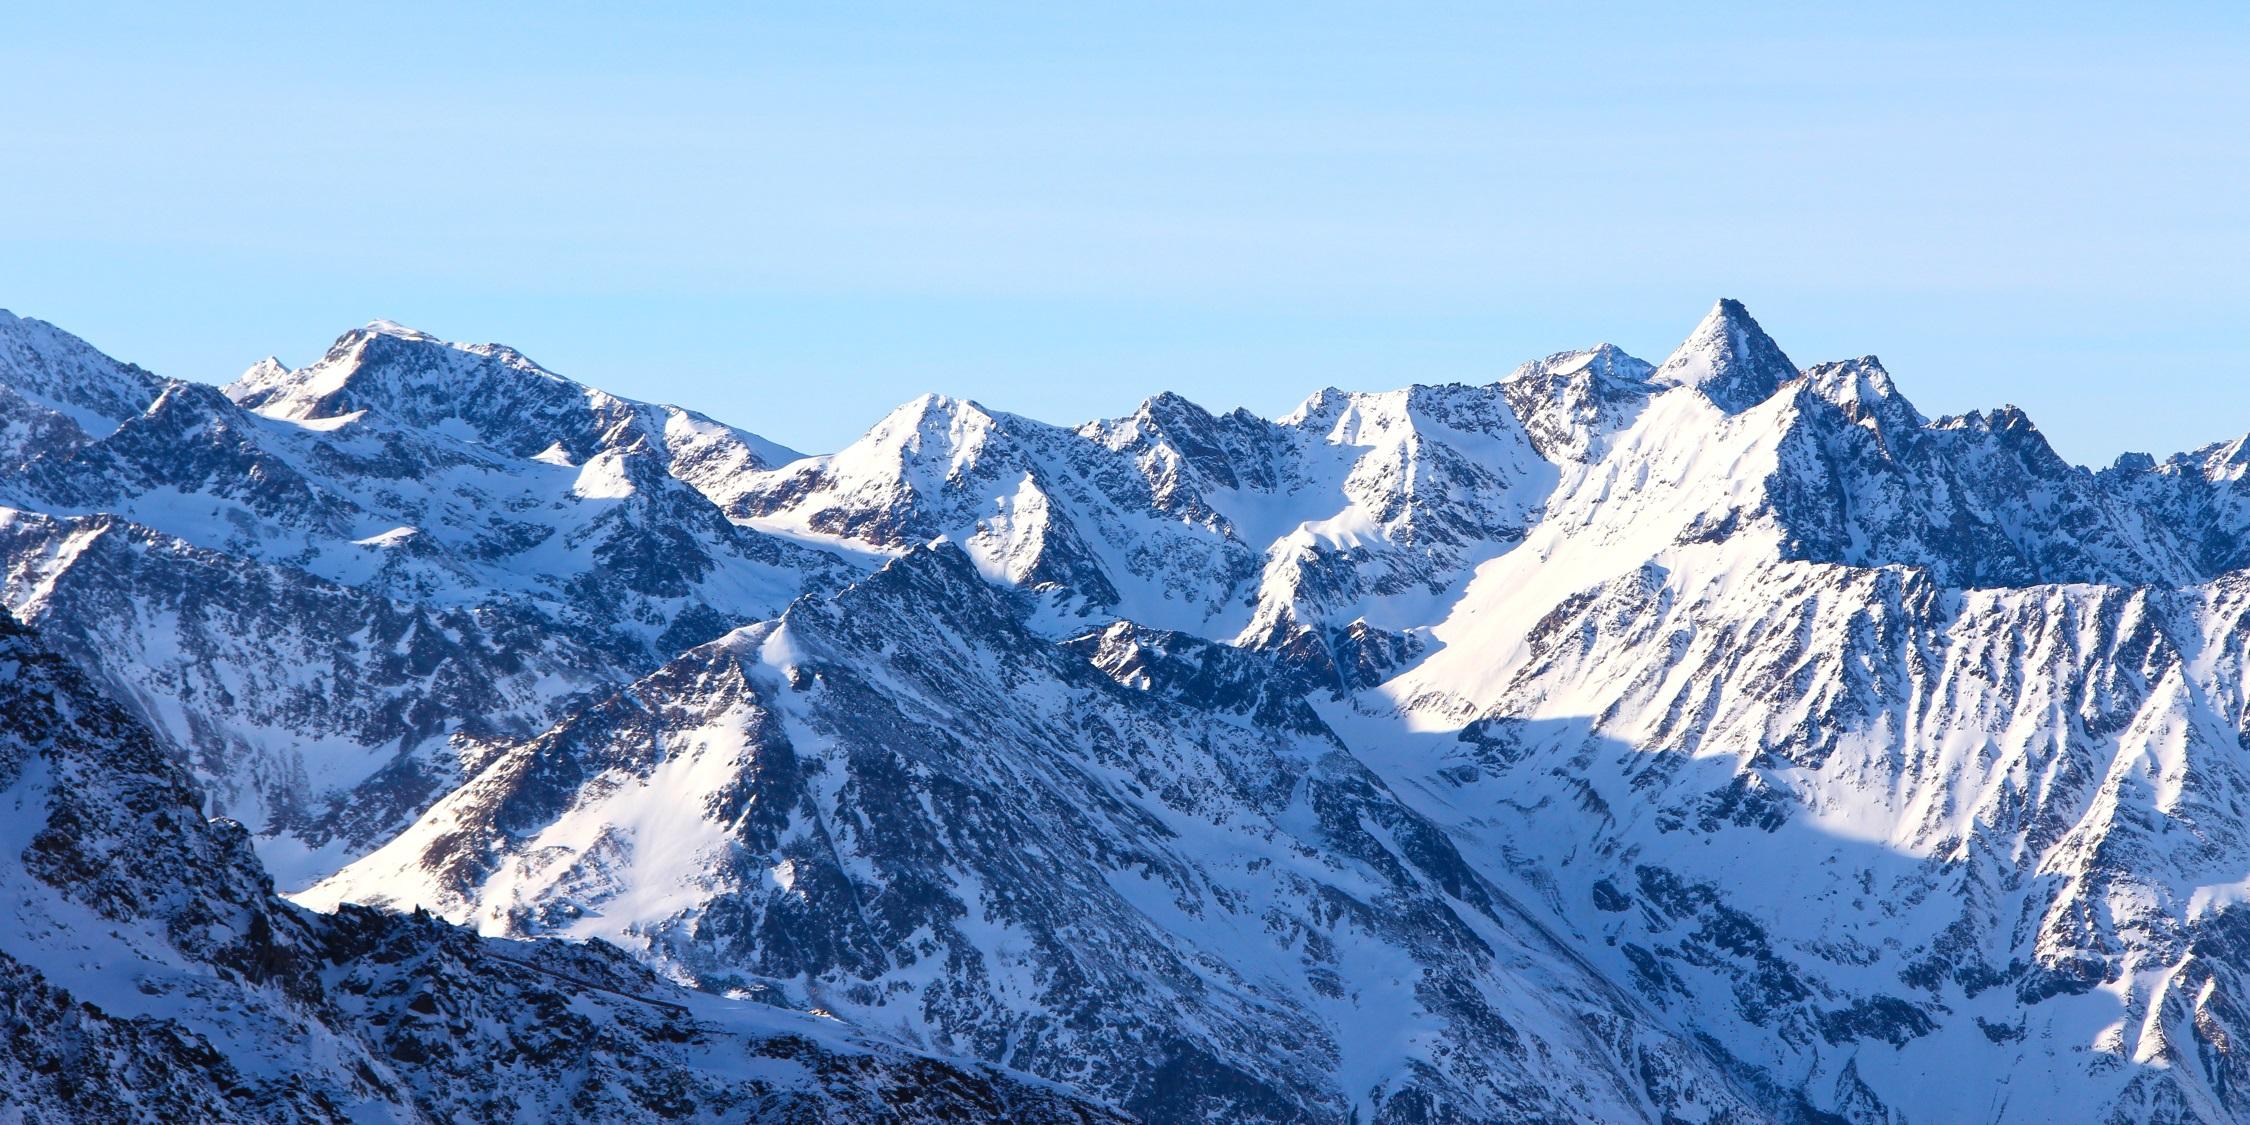 Winter Mountains (photo)